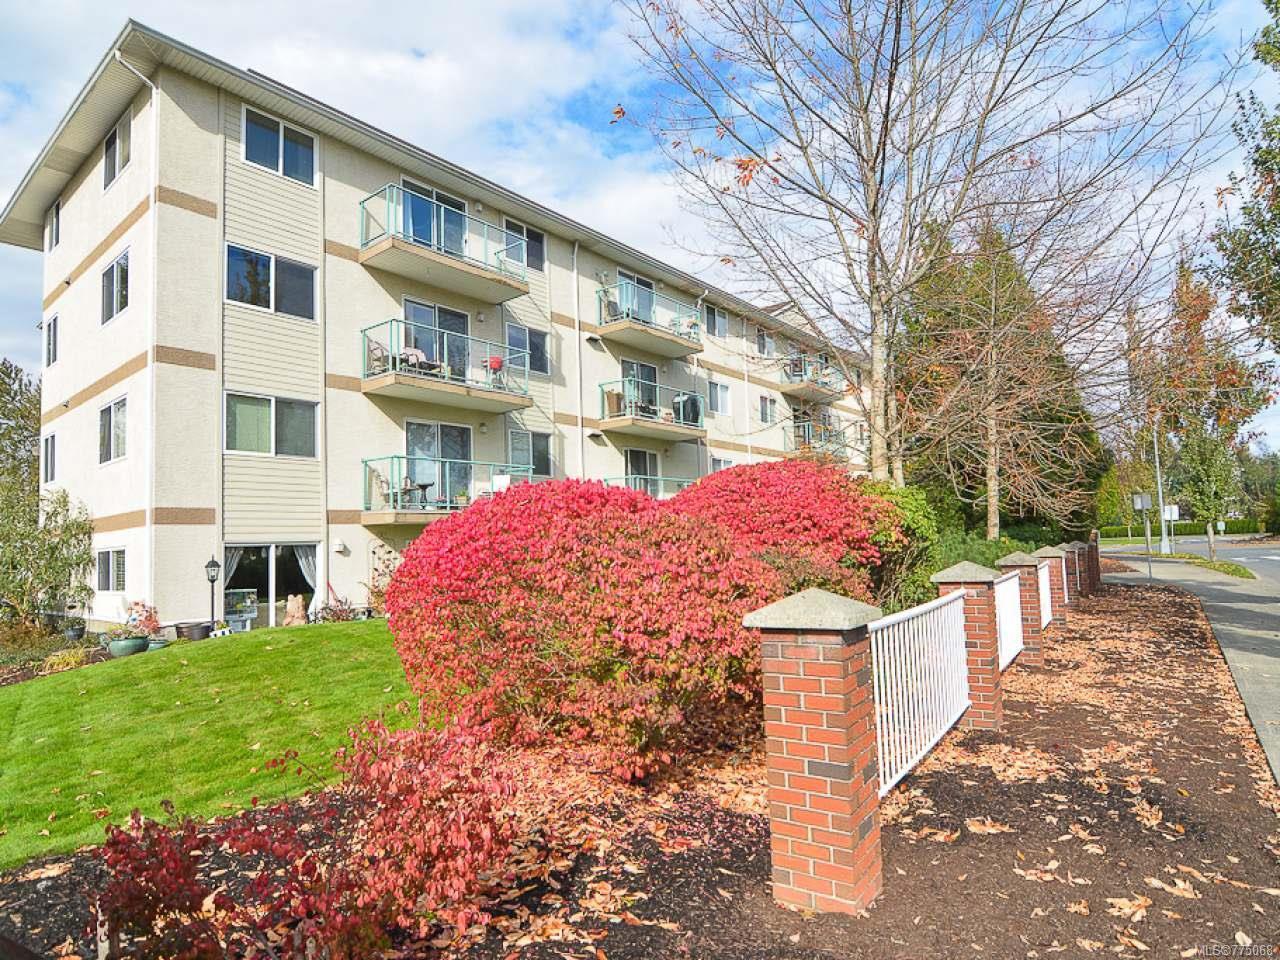 Main Photo: 205 1355 CUMBERLAND ROAD in COURTENAY: CV Courtenay City Condo for sale (Comox Valley)  : MLS®# 775068